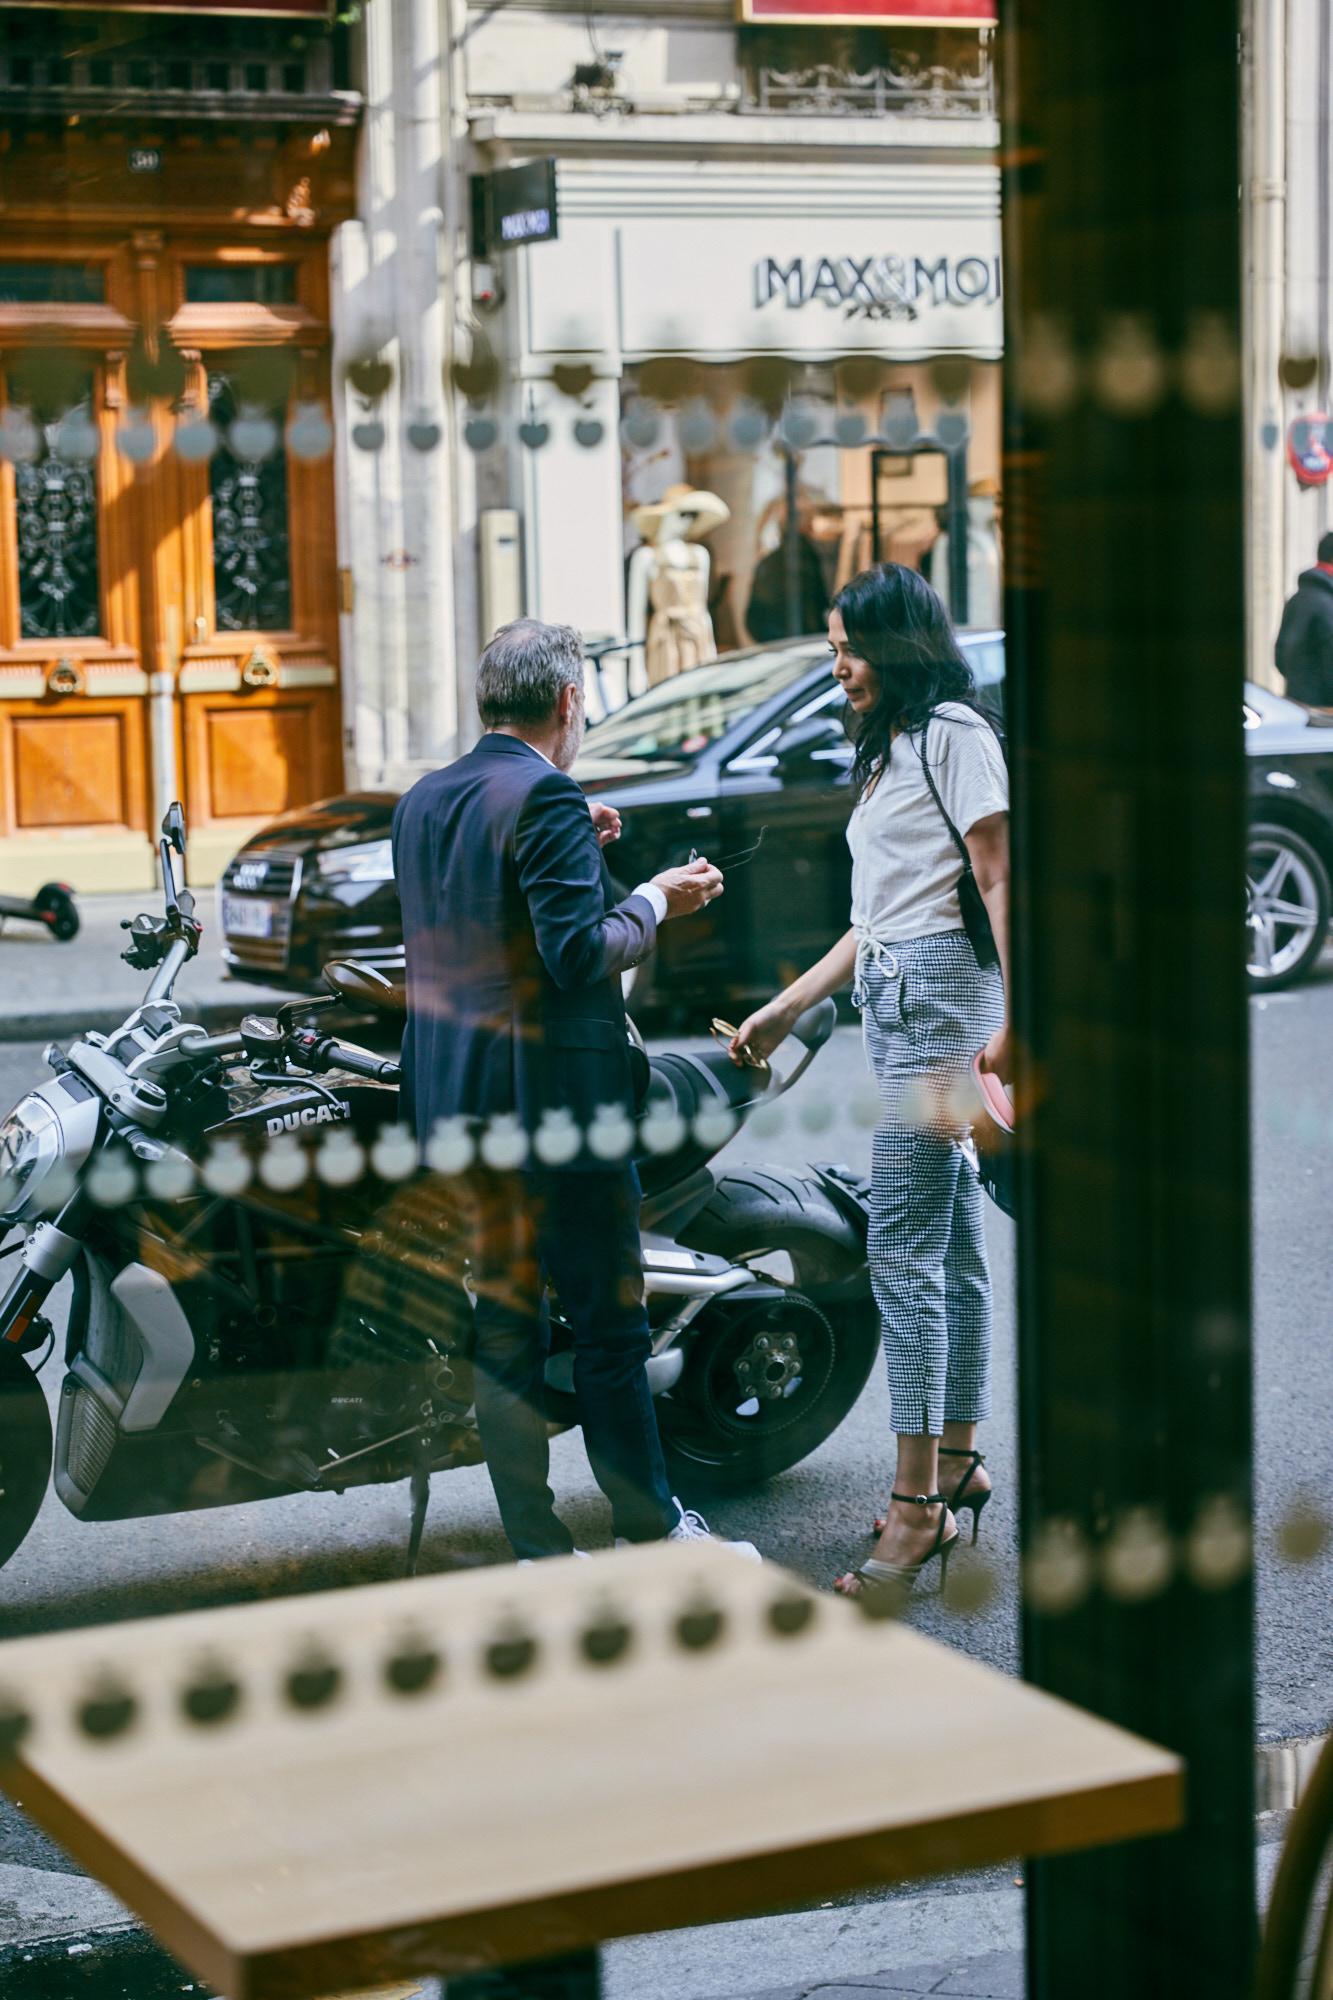 paris__E6A7337__Abdul Smith_Abdul Smith Photography_May 22 2019.jpg